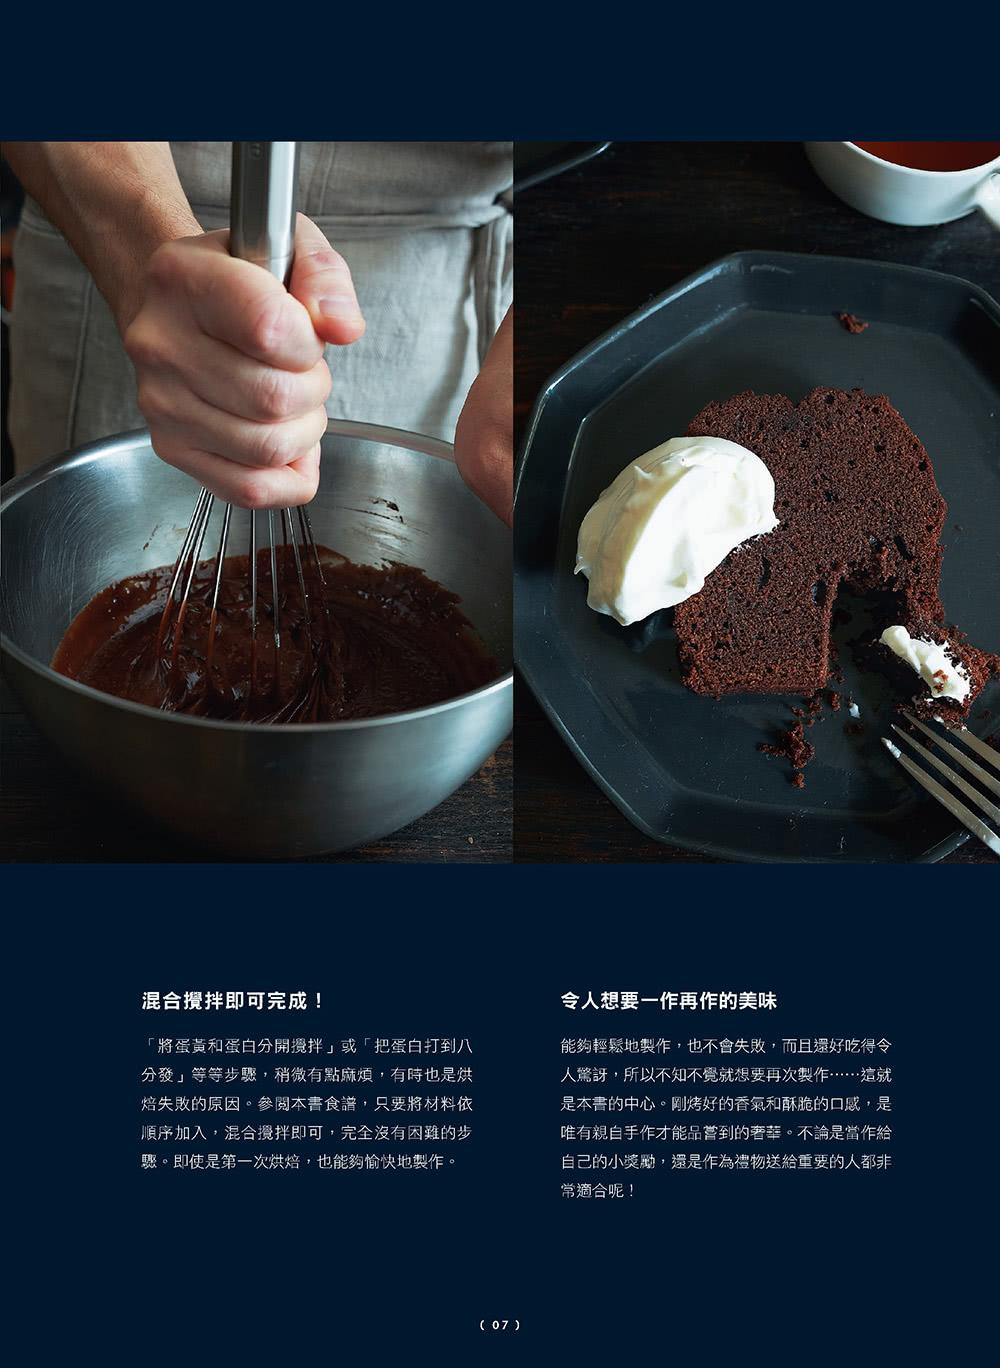 板狀巧克力就能作!日常的巧克力甜點